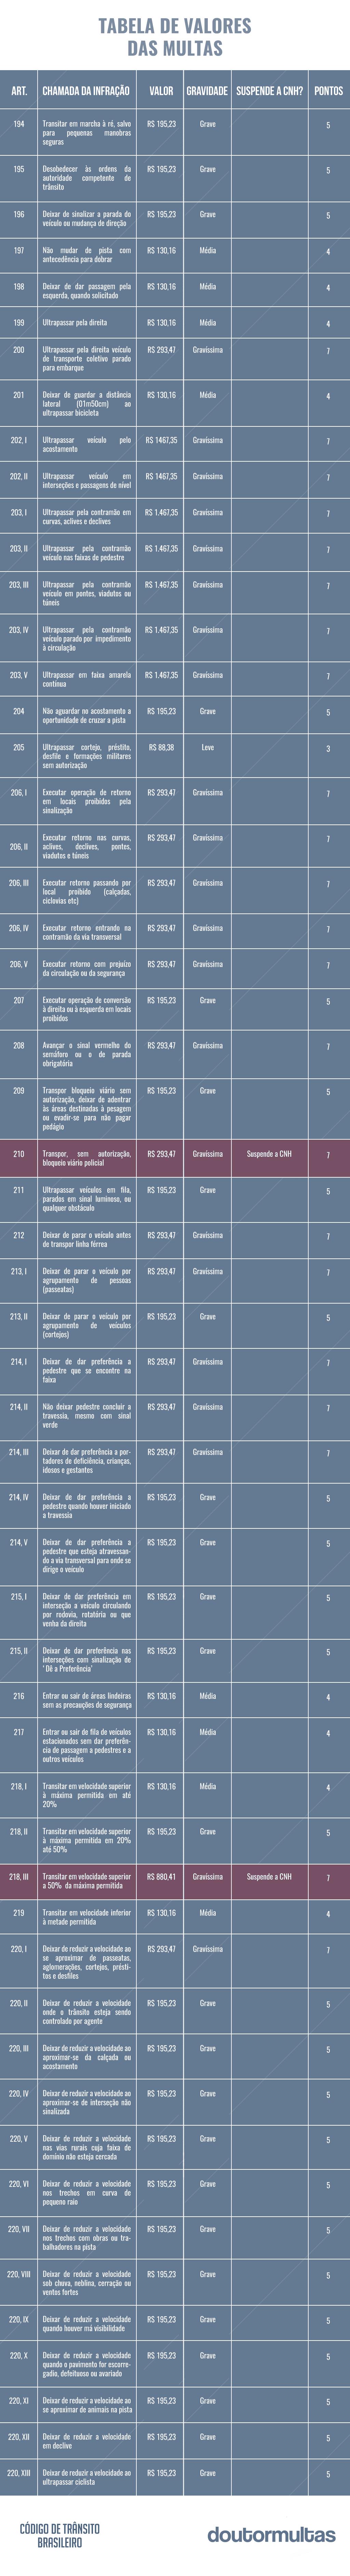 tabela de multas atualizada 2